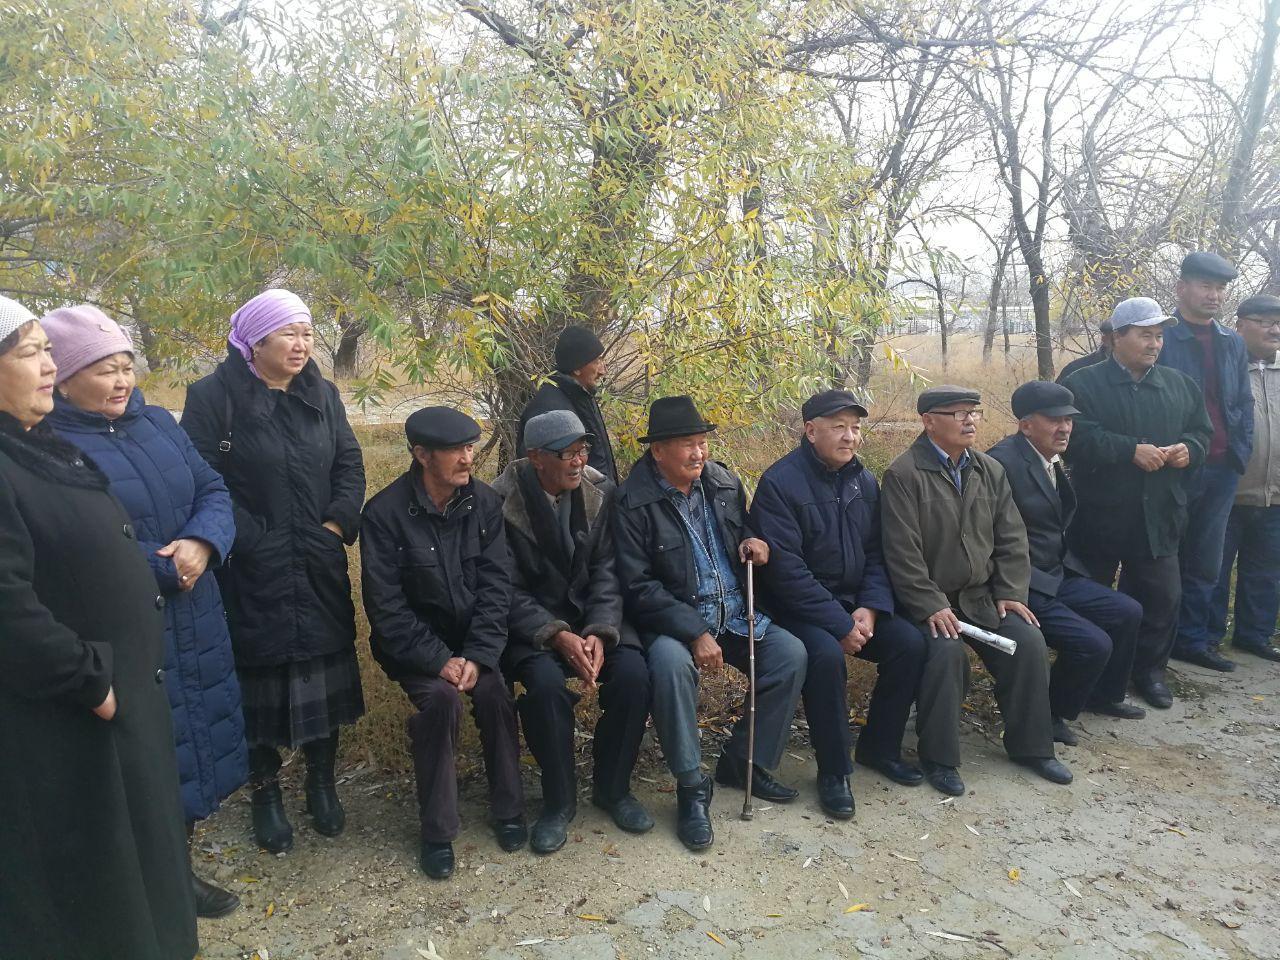 Жители села Онды вскрыли свою капсулу времени с посланием, фото-3